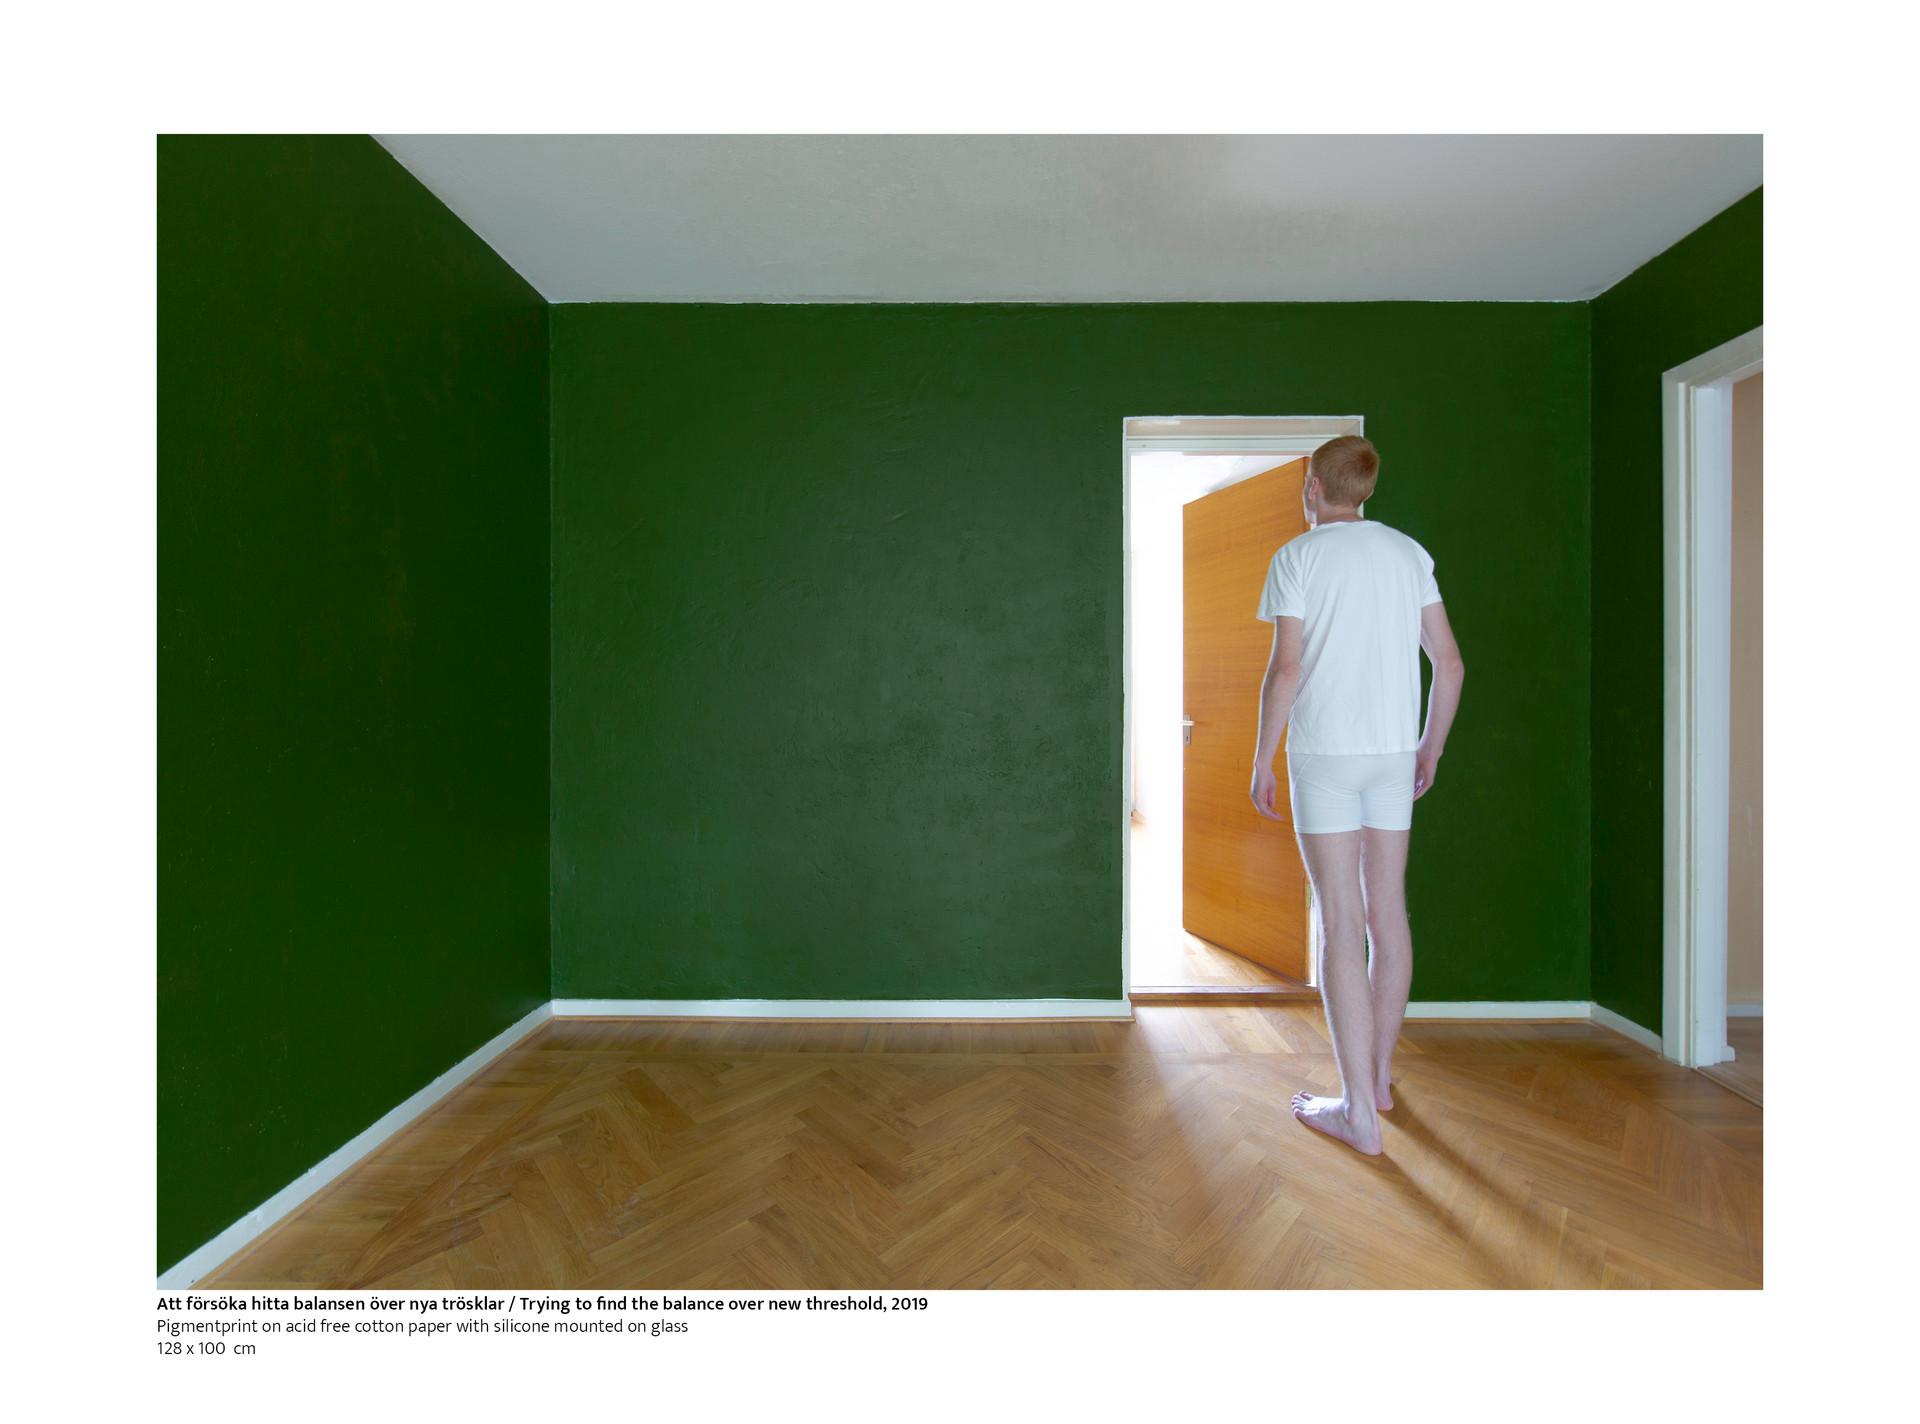 I detta fotografiska verk har jag arbetat med att iscensätta en vardagsscen som skildrar människans förflyttelse och orientering i hemmet och tillvaron. I verket valde jag att skildra människan i ett befintligt rum där tröskeln är central och symbolserar gränsen mellan olika rumsliga utrymmen. Jag ville visa hur människan försöker hitta sin balans i att möta nya hinder och rumsliga sammanhang tillvaron.  / In this photographic work I have worked on staging an everyday scene that depicts the movement and orientation of people in the home and life. In the work I chose to portray man in an existing room where the threshold is central and symbolizes the boundary between different spatial spaces. I wanted to show how human tries to find his balance in meeting new obstacles and spatial contexts of existence.